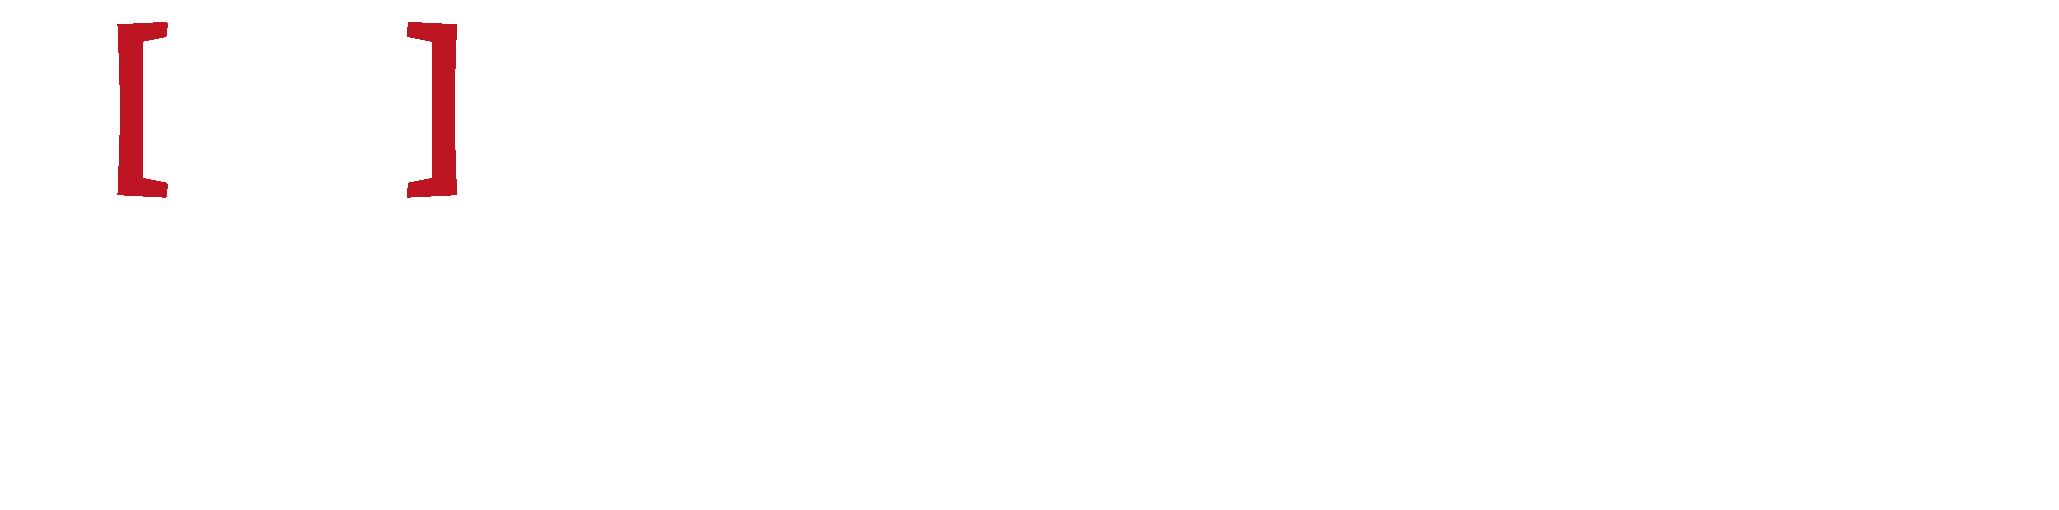 Ead logo fondo 2019 color.png